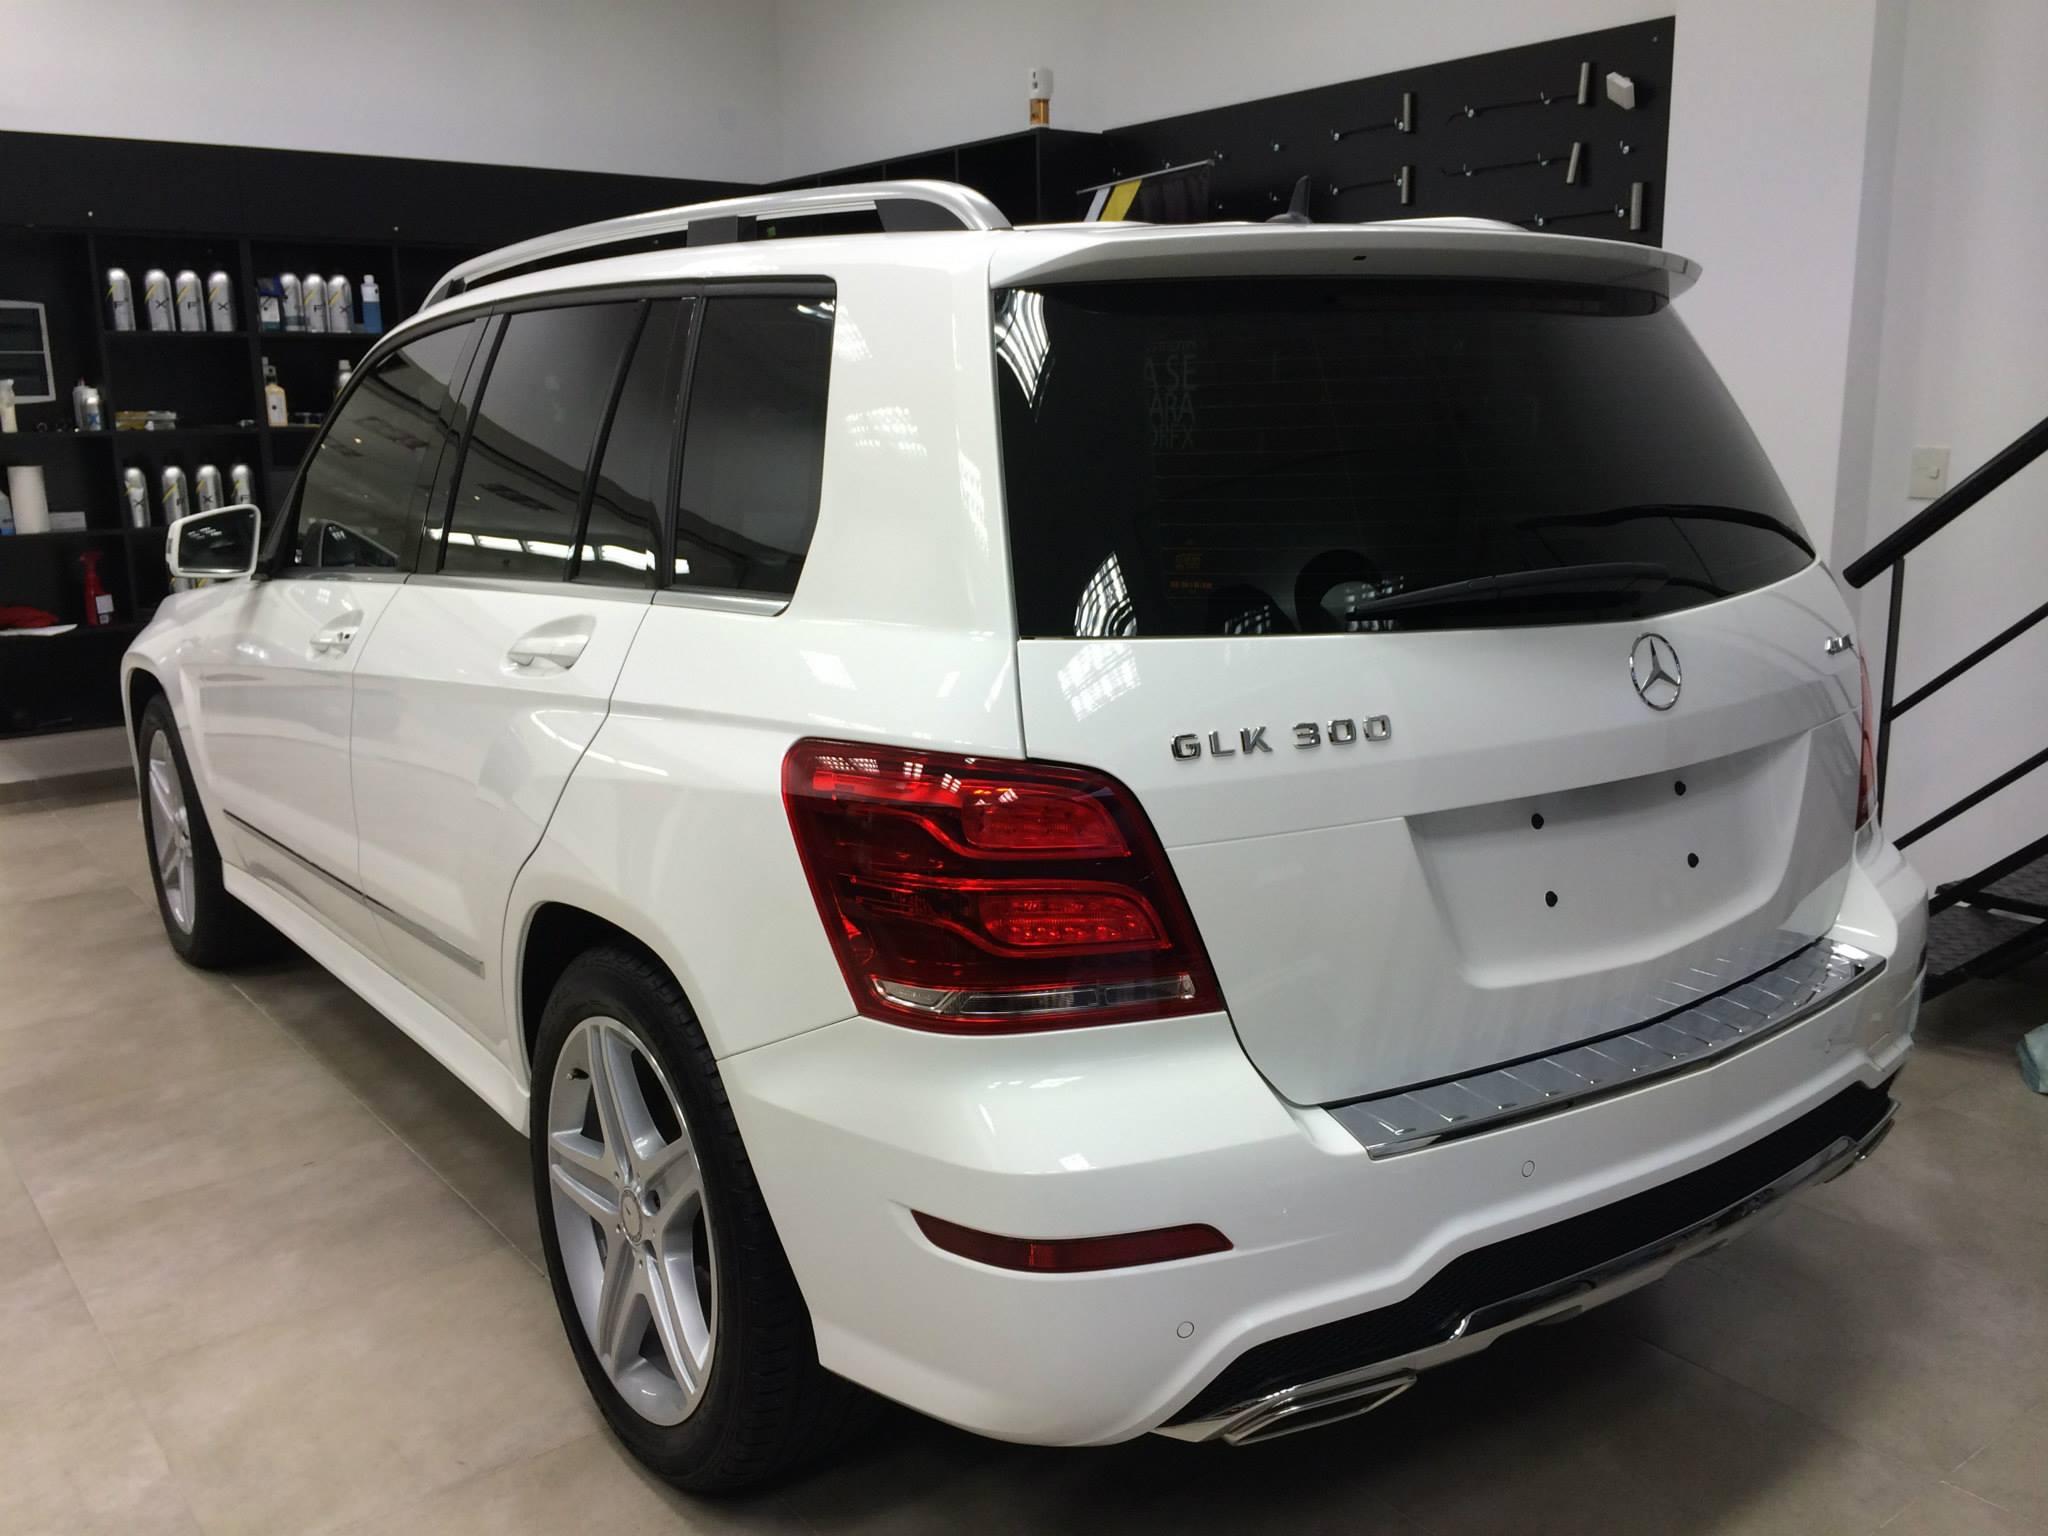 Mercedes benz glk 300 shinycars san isidro for Mercedes benz bentonville ar